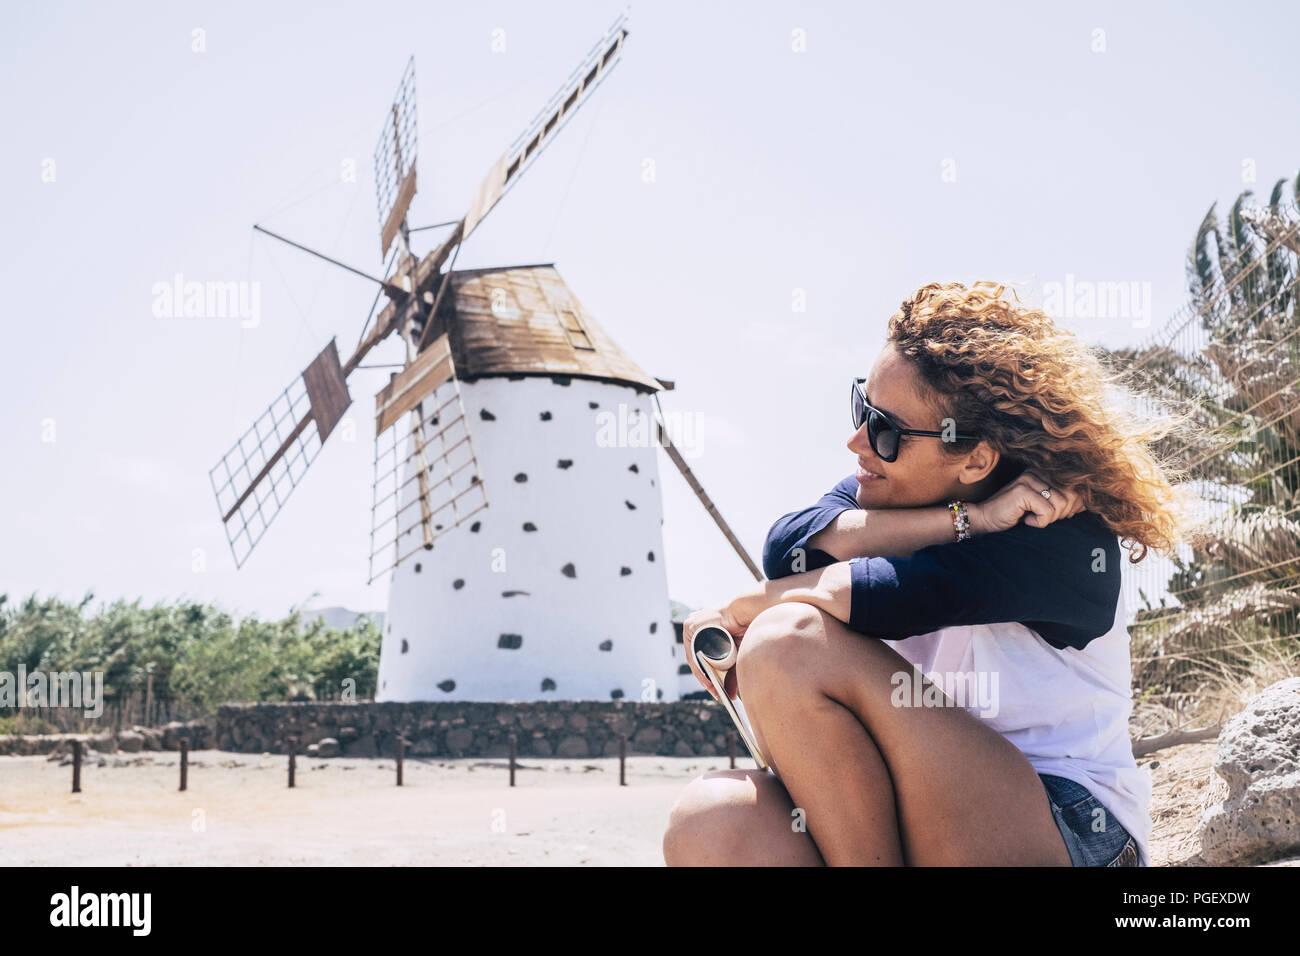 Curly nice dame assise et relaxant avec sind dans les cheveux et un moulin à vent sur l'arrière-plan. country side scenic place pour la paix et la détente d'hiver Photo Stock